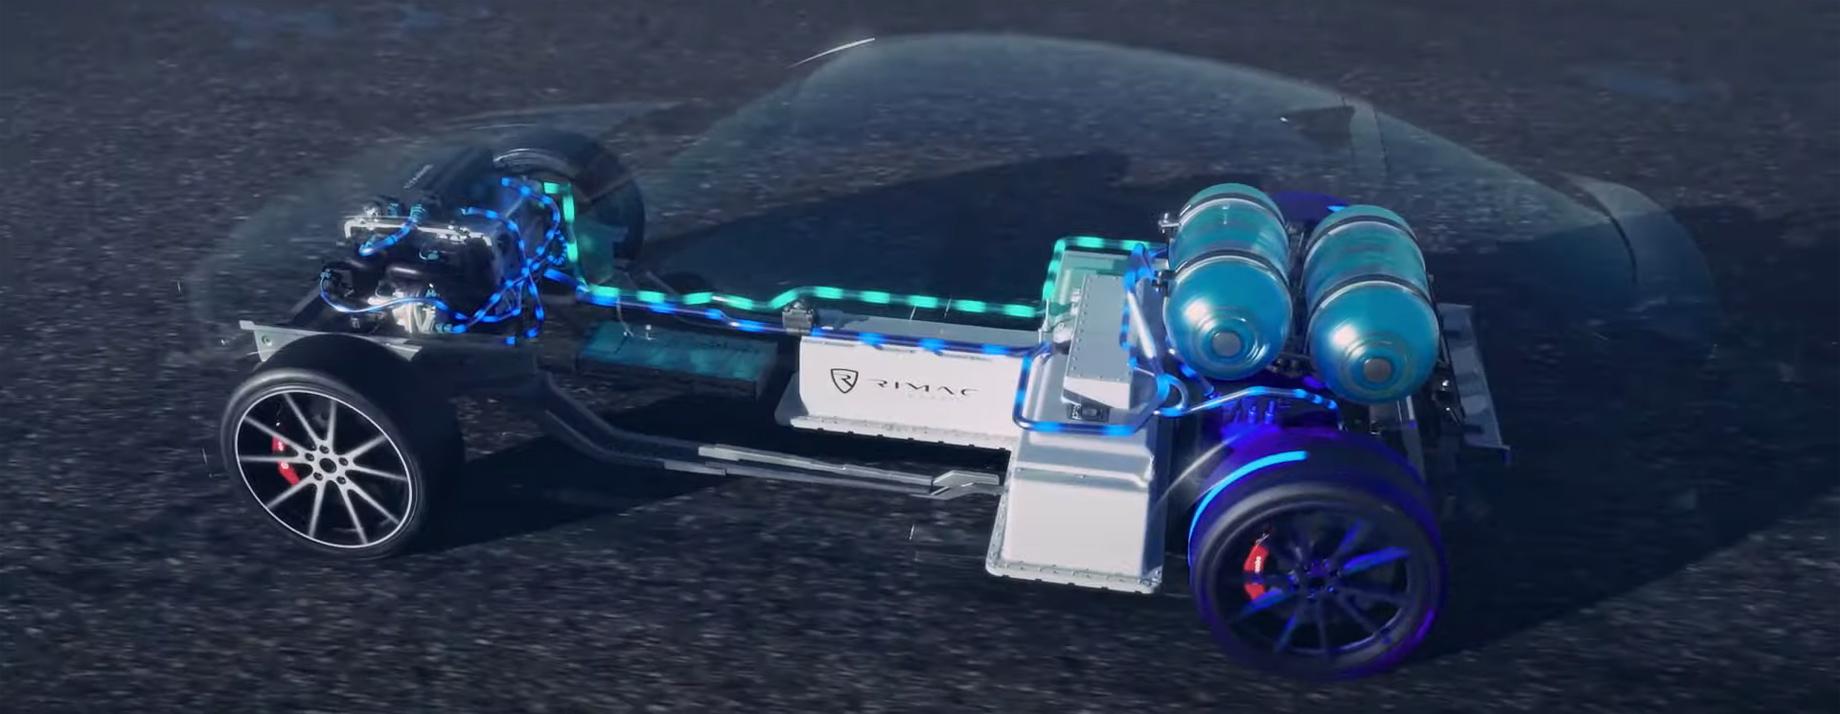 Автогигант Hyundai наметил путь к углеродной нейтральности